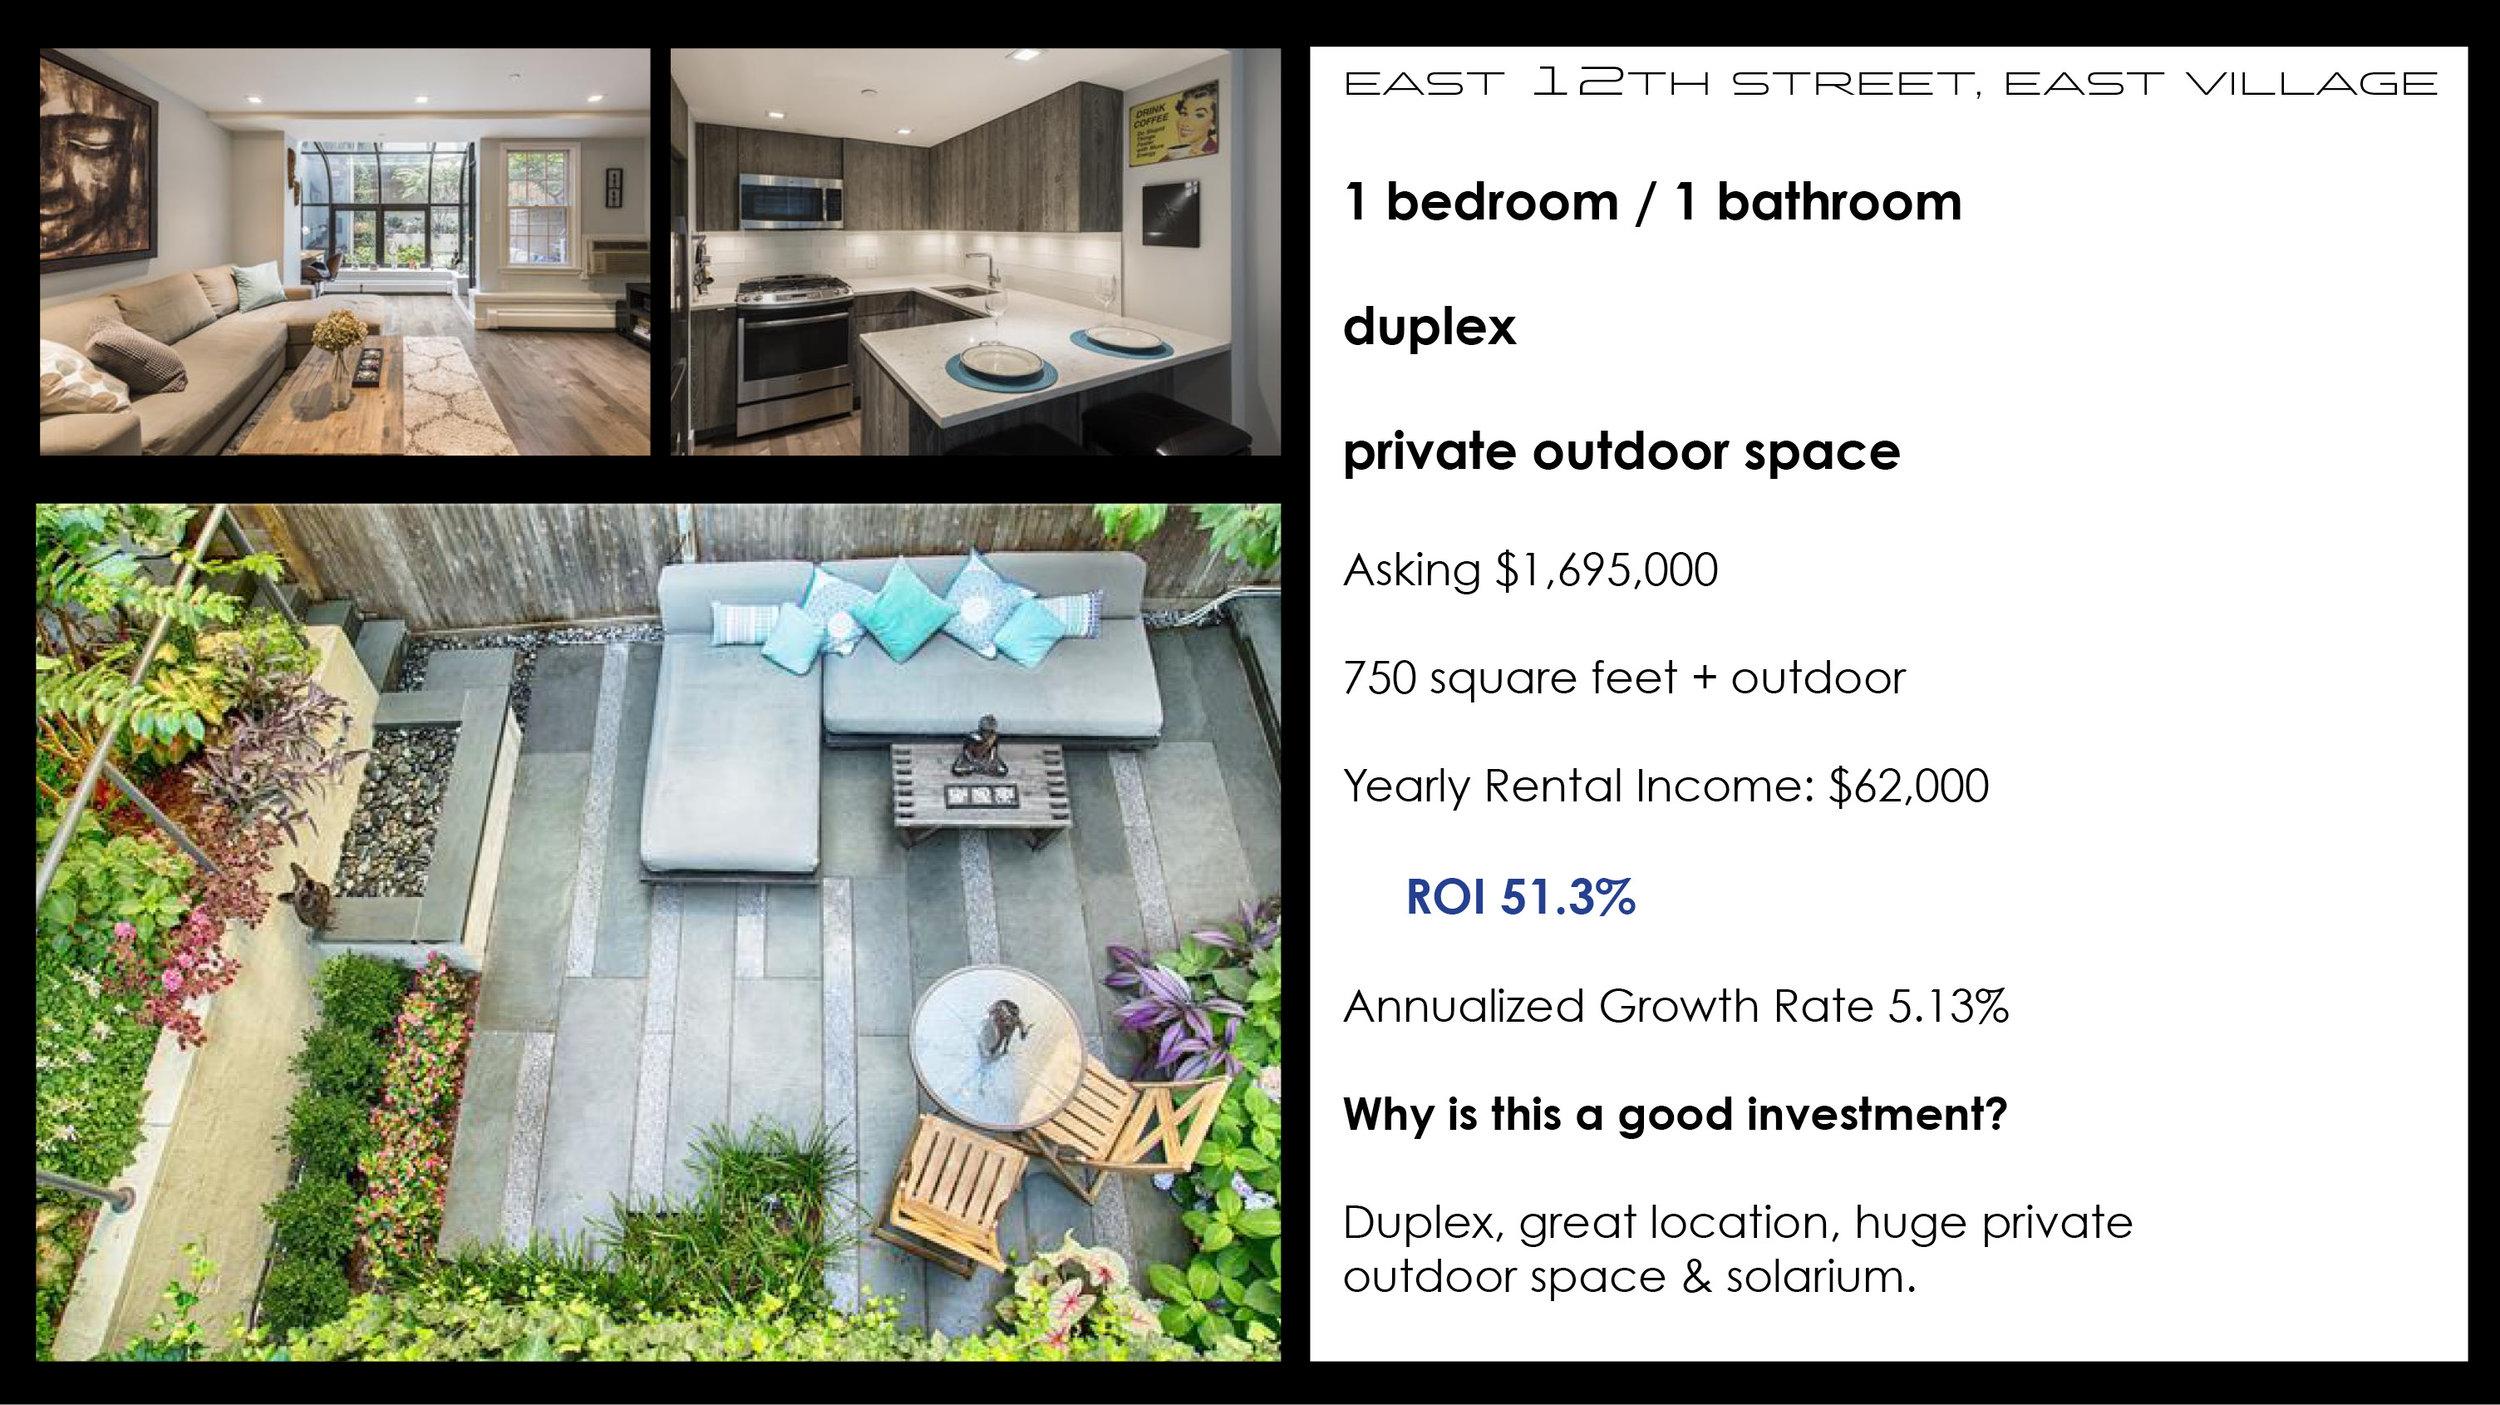 Investment Property Slides10.jpg